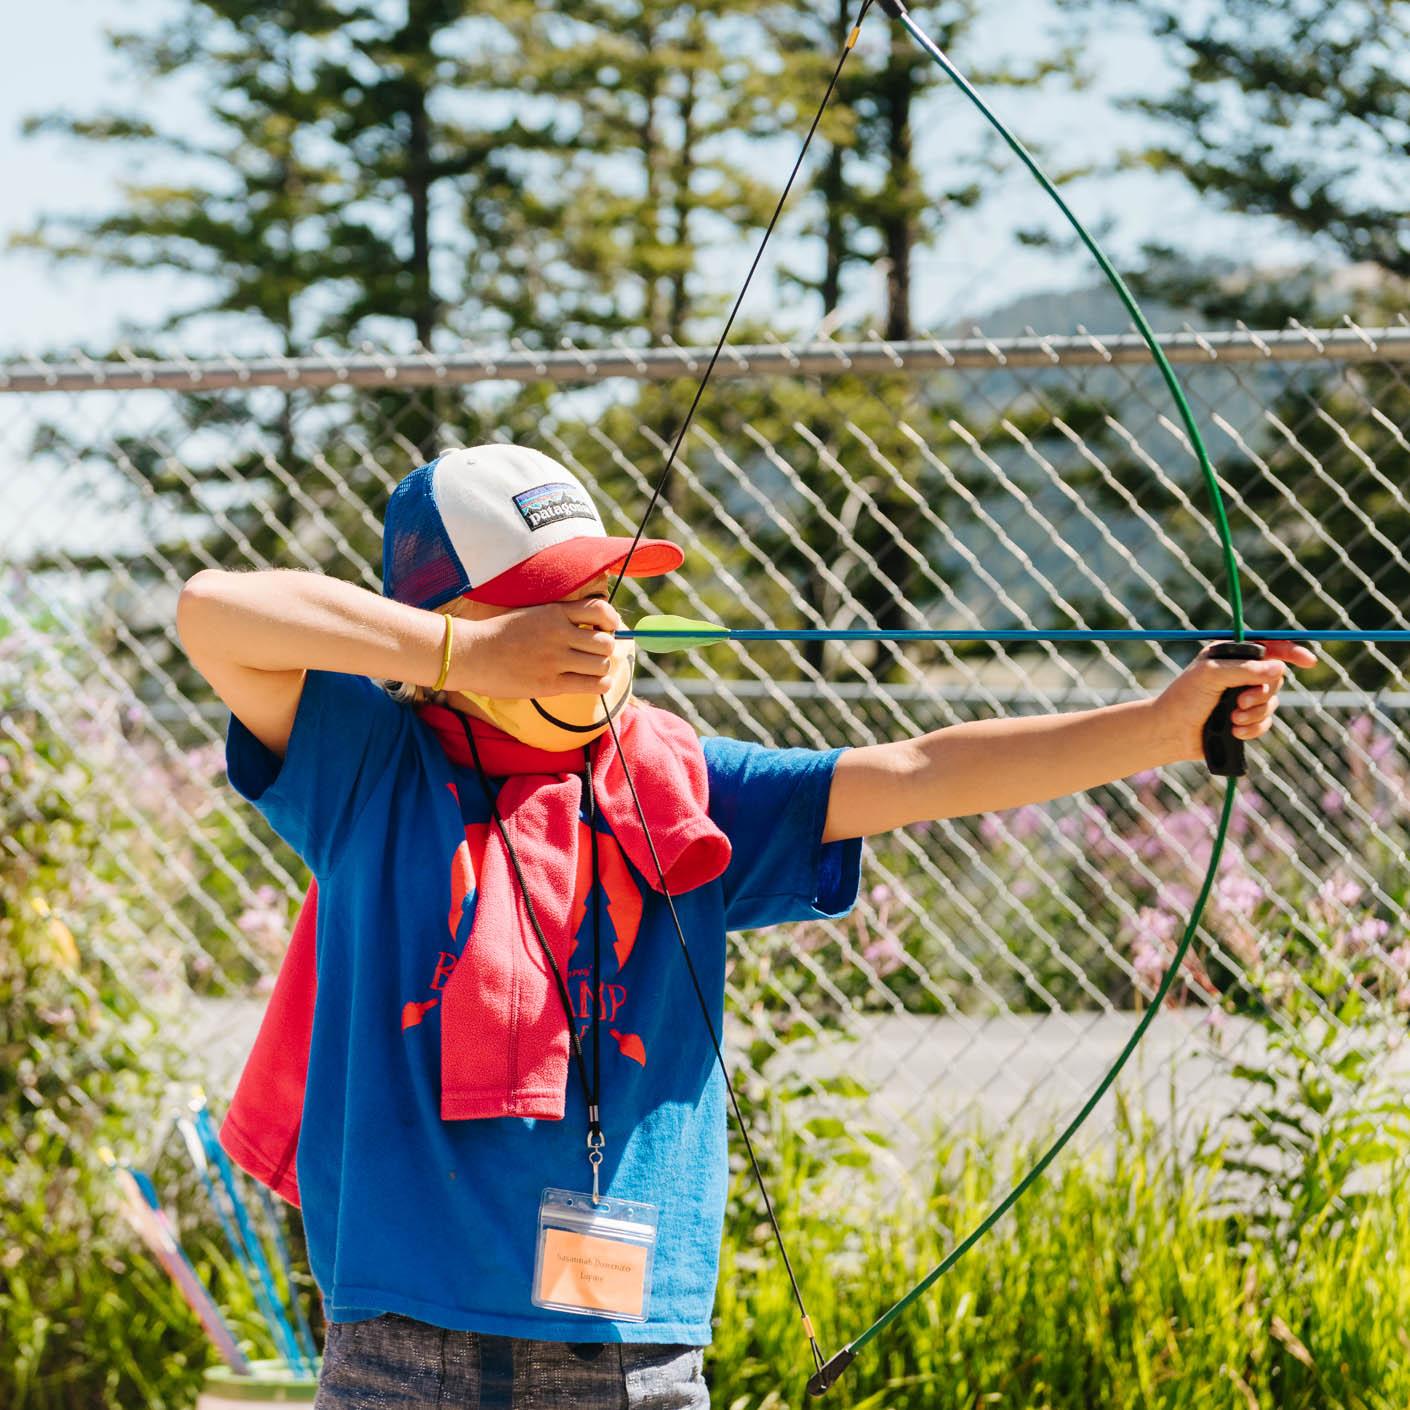 Jackson Hole Basecamp target sports